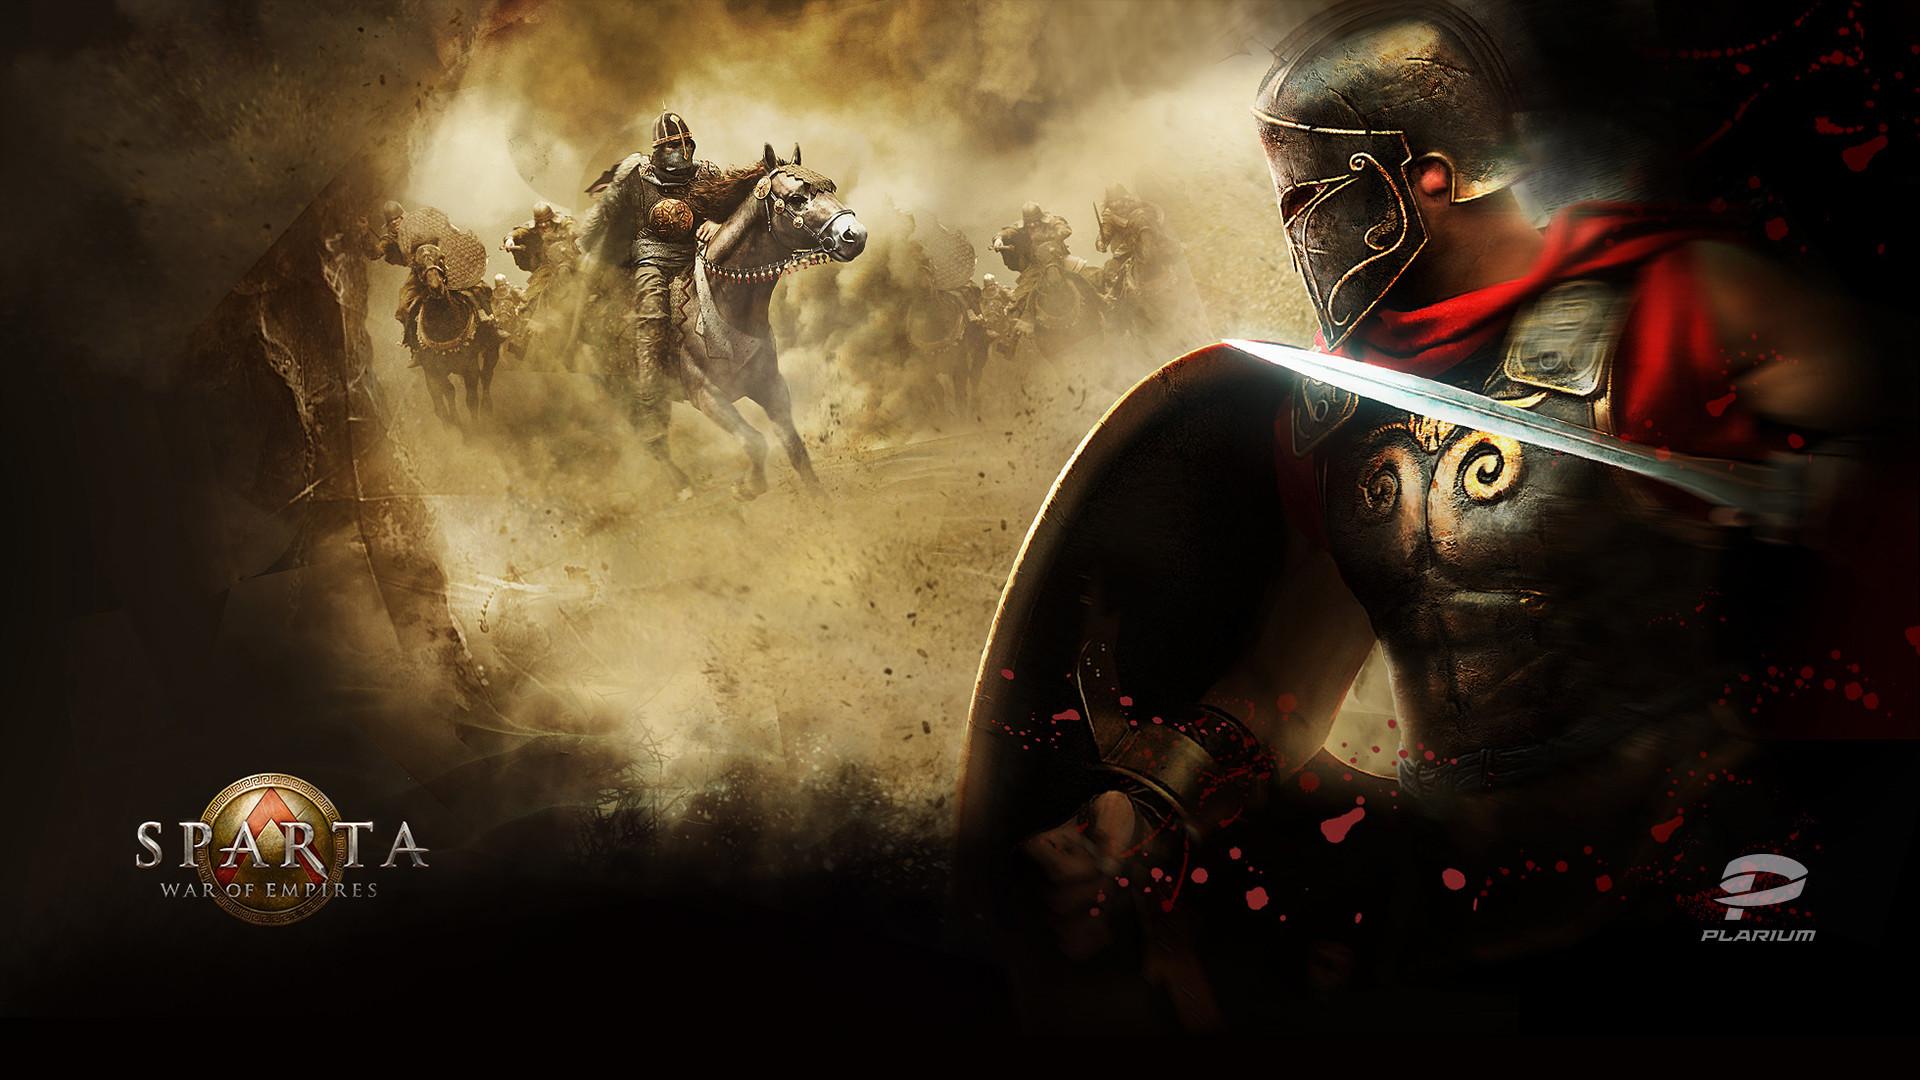 Sparta Wallpaper ·①